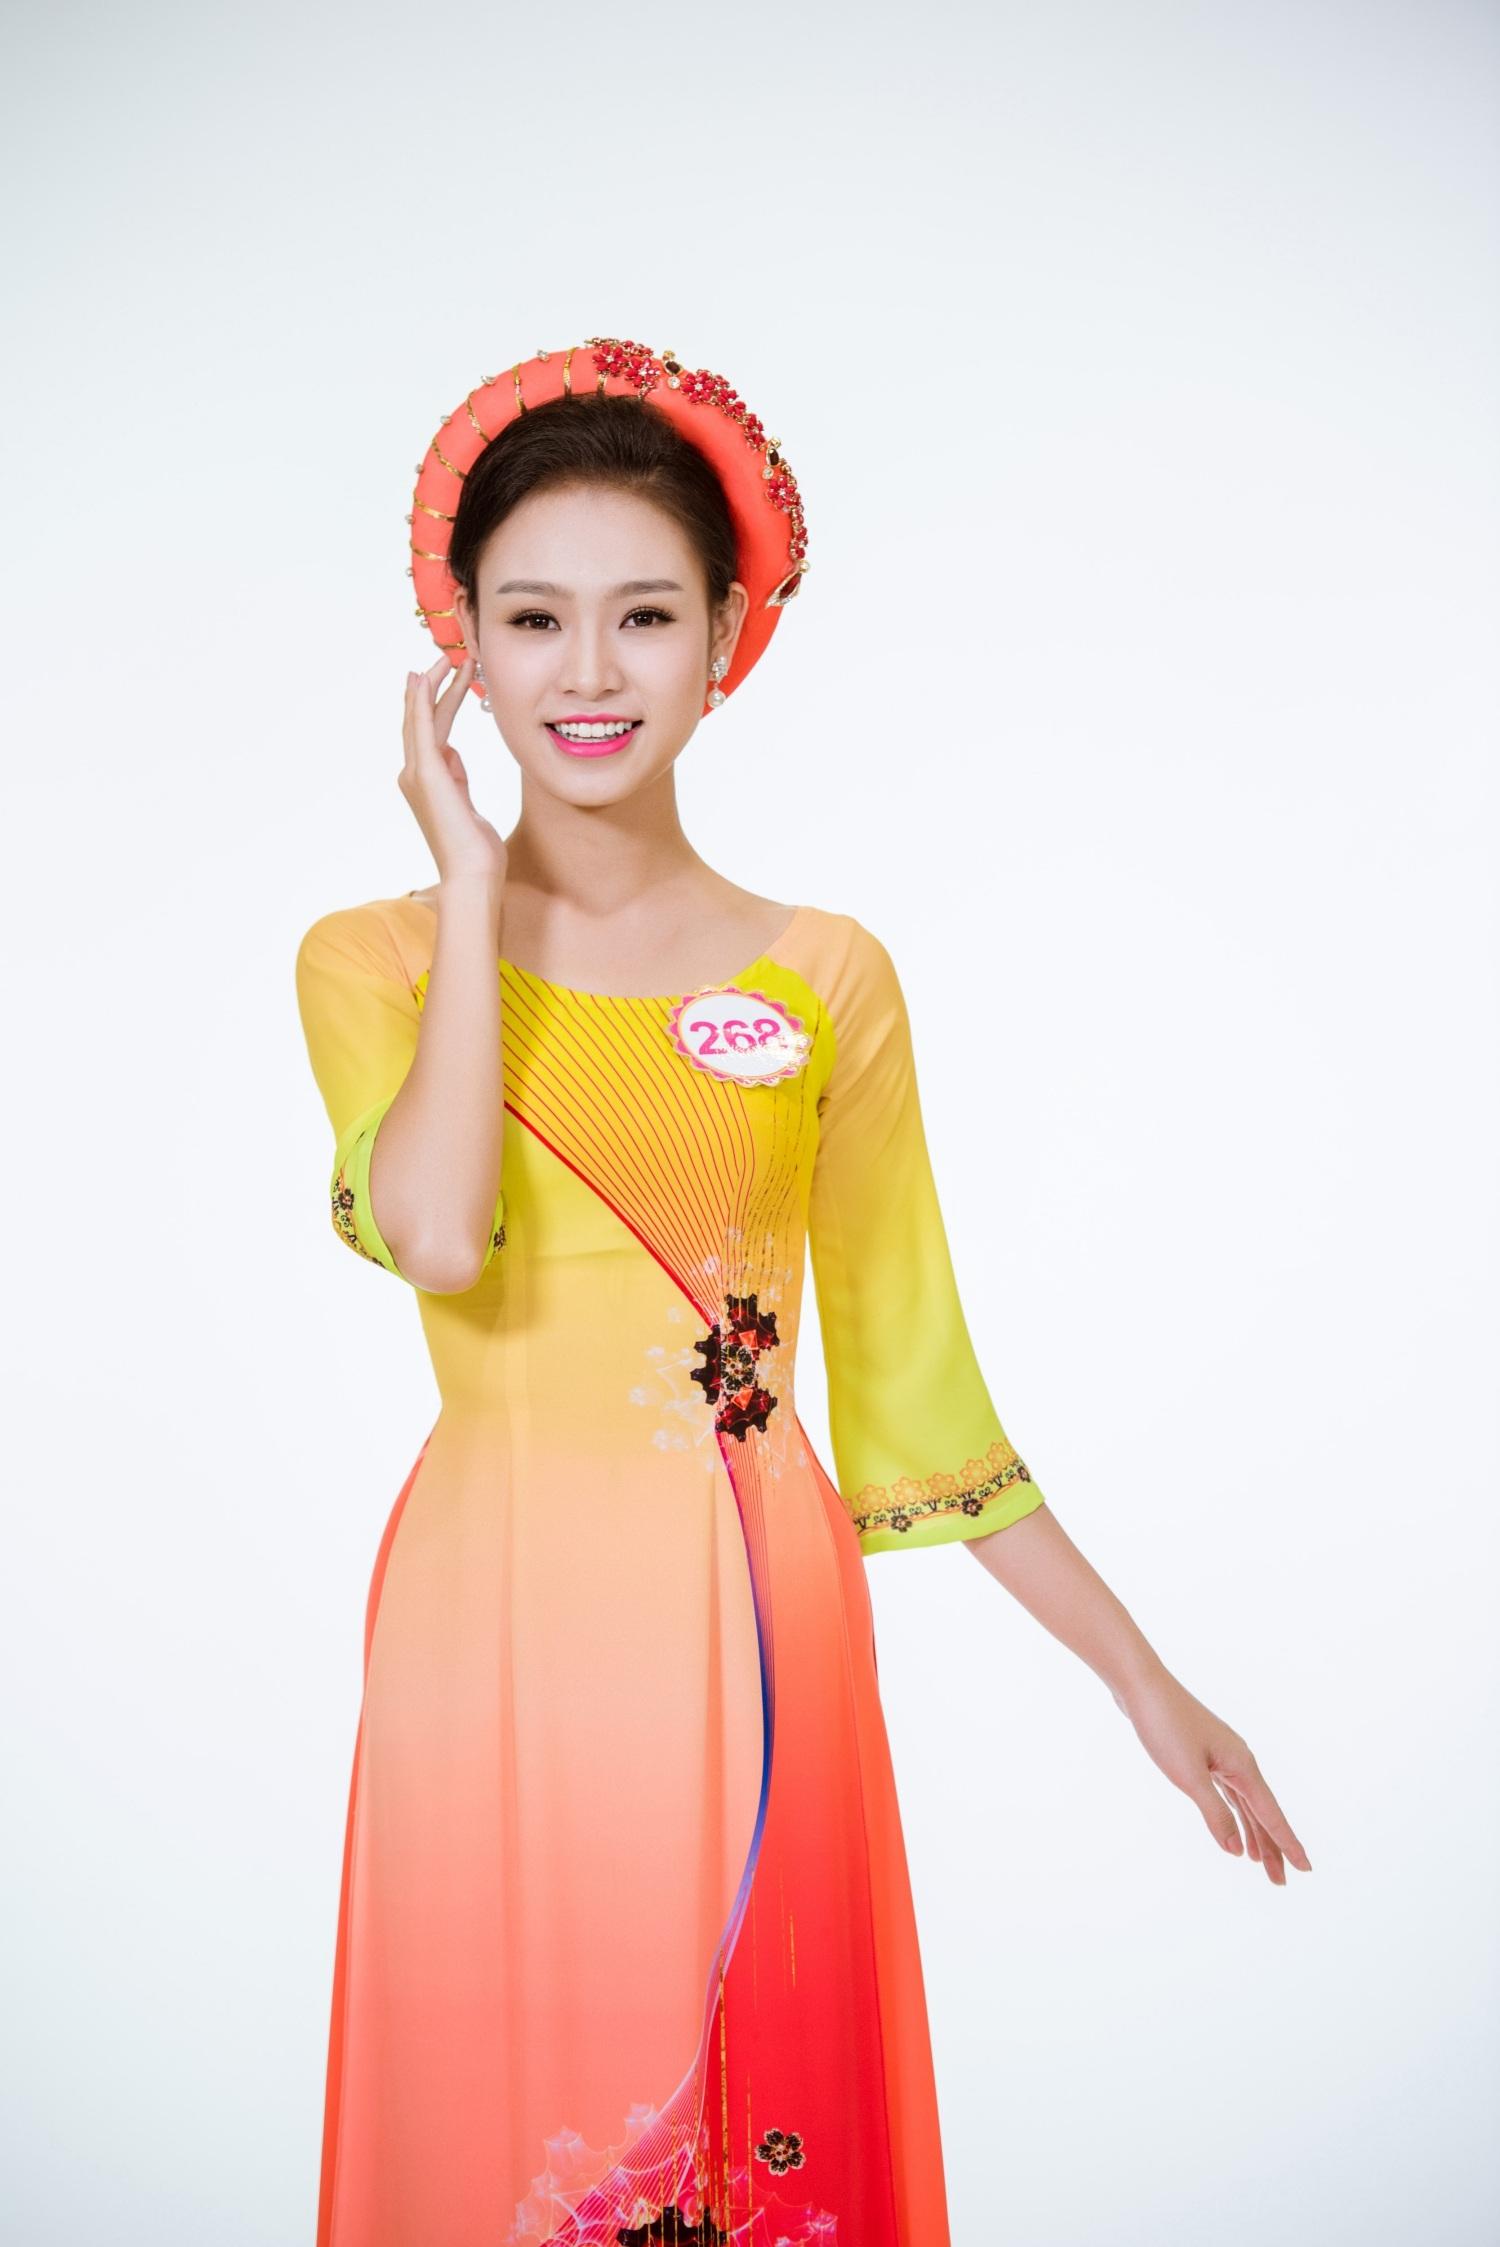 Phùng Bảo Ngọc Vân.